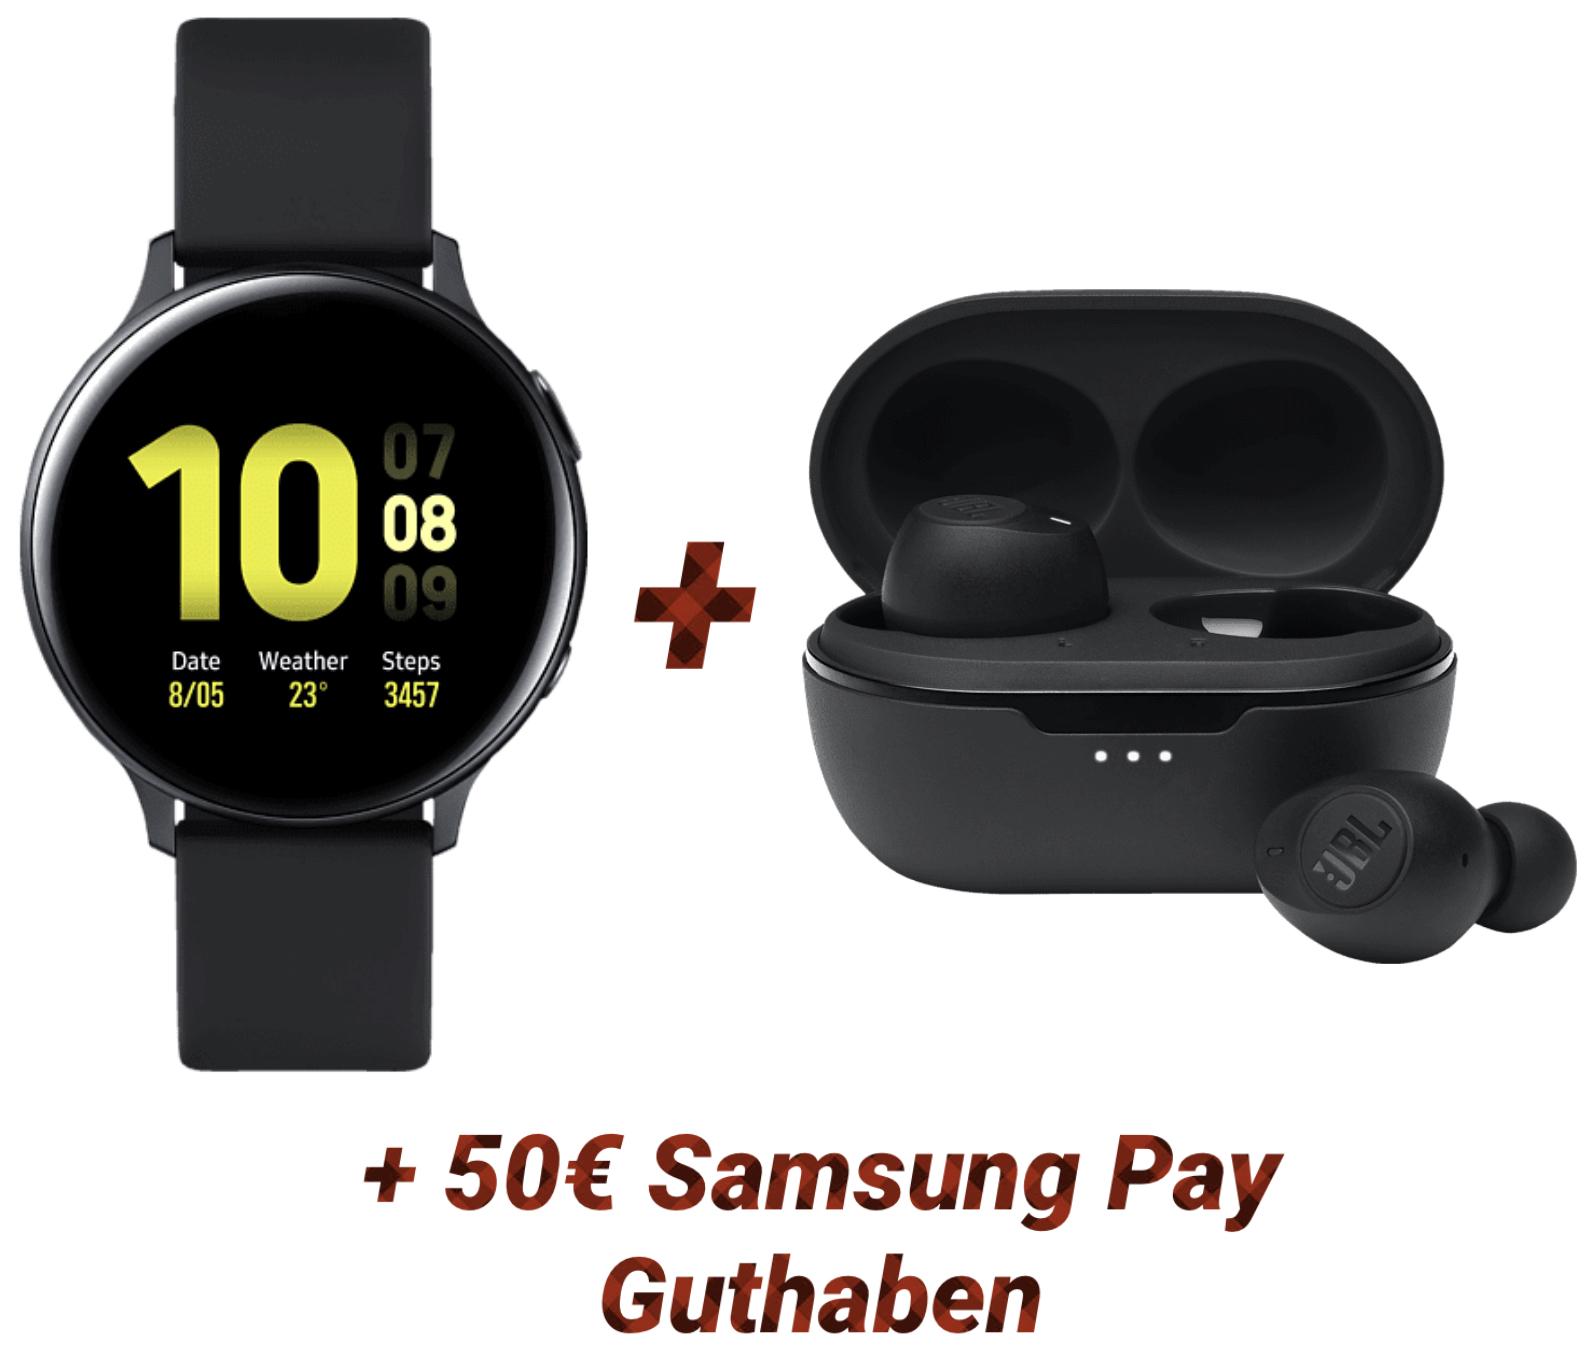 Samsung Galaxy Watch Active2 Aluminium 44mm + JBL Tune 115 TWS In-ear Kopfhörer + 50€ Samsung Pay Guthaben für 167€ inkl. Versandkosten